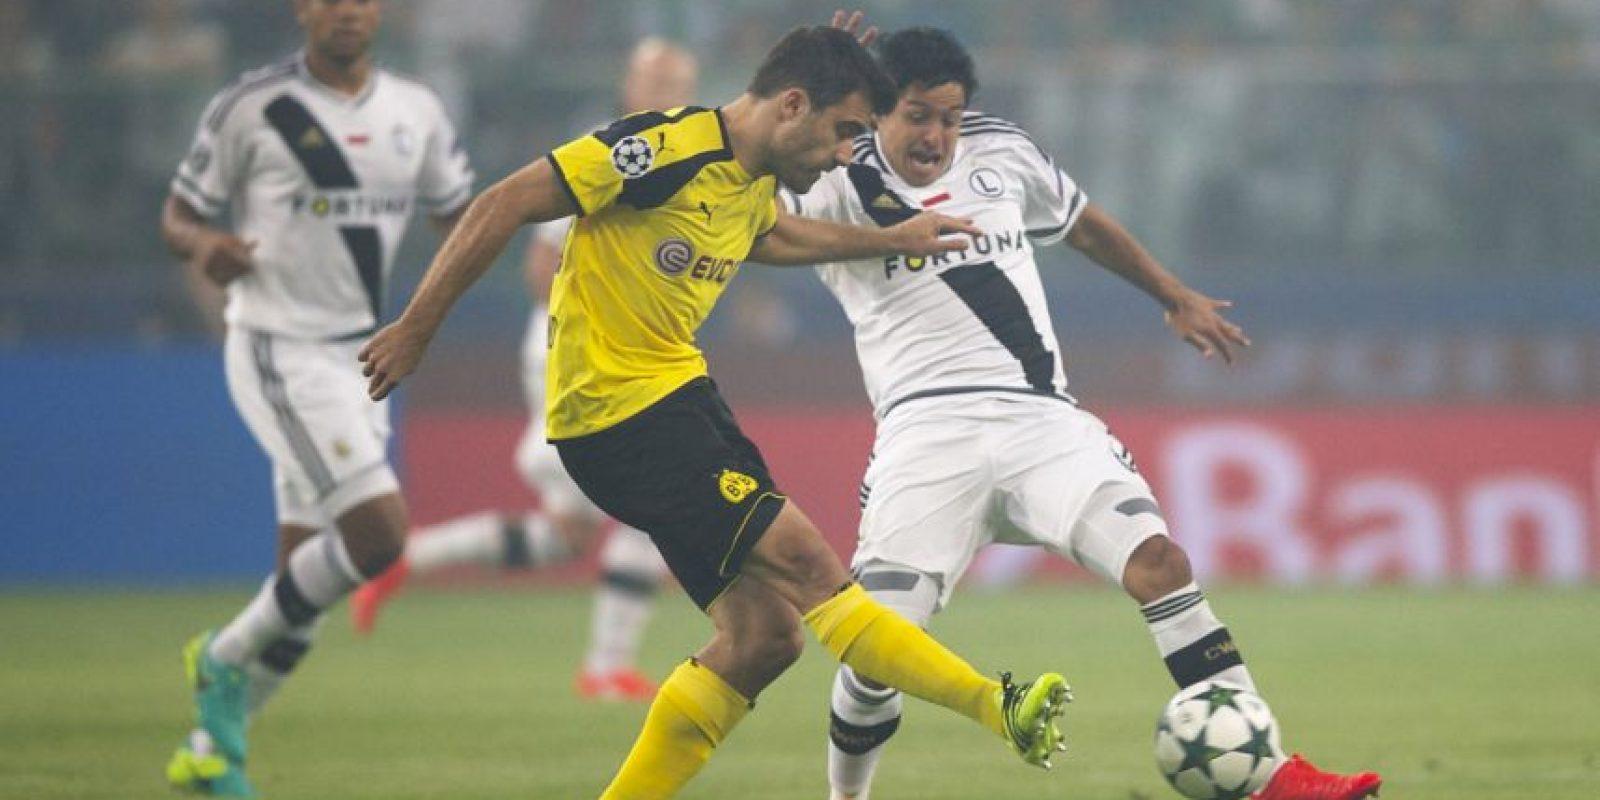 Anotó uno de los goles en la goleada por 6 a o de Borussia Dortmund ante el Legia Foto:Getty Images